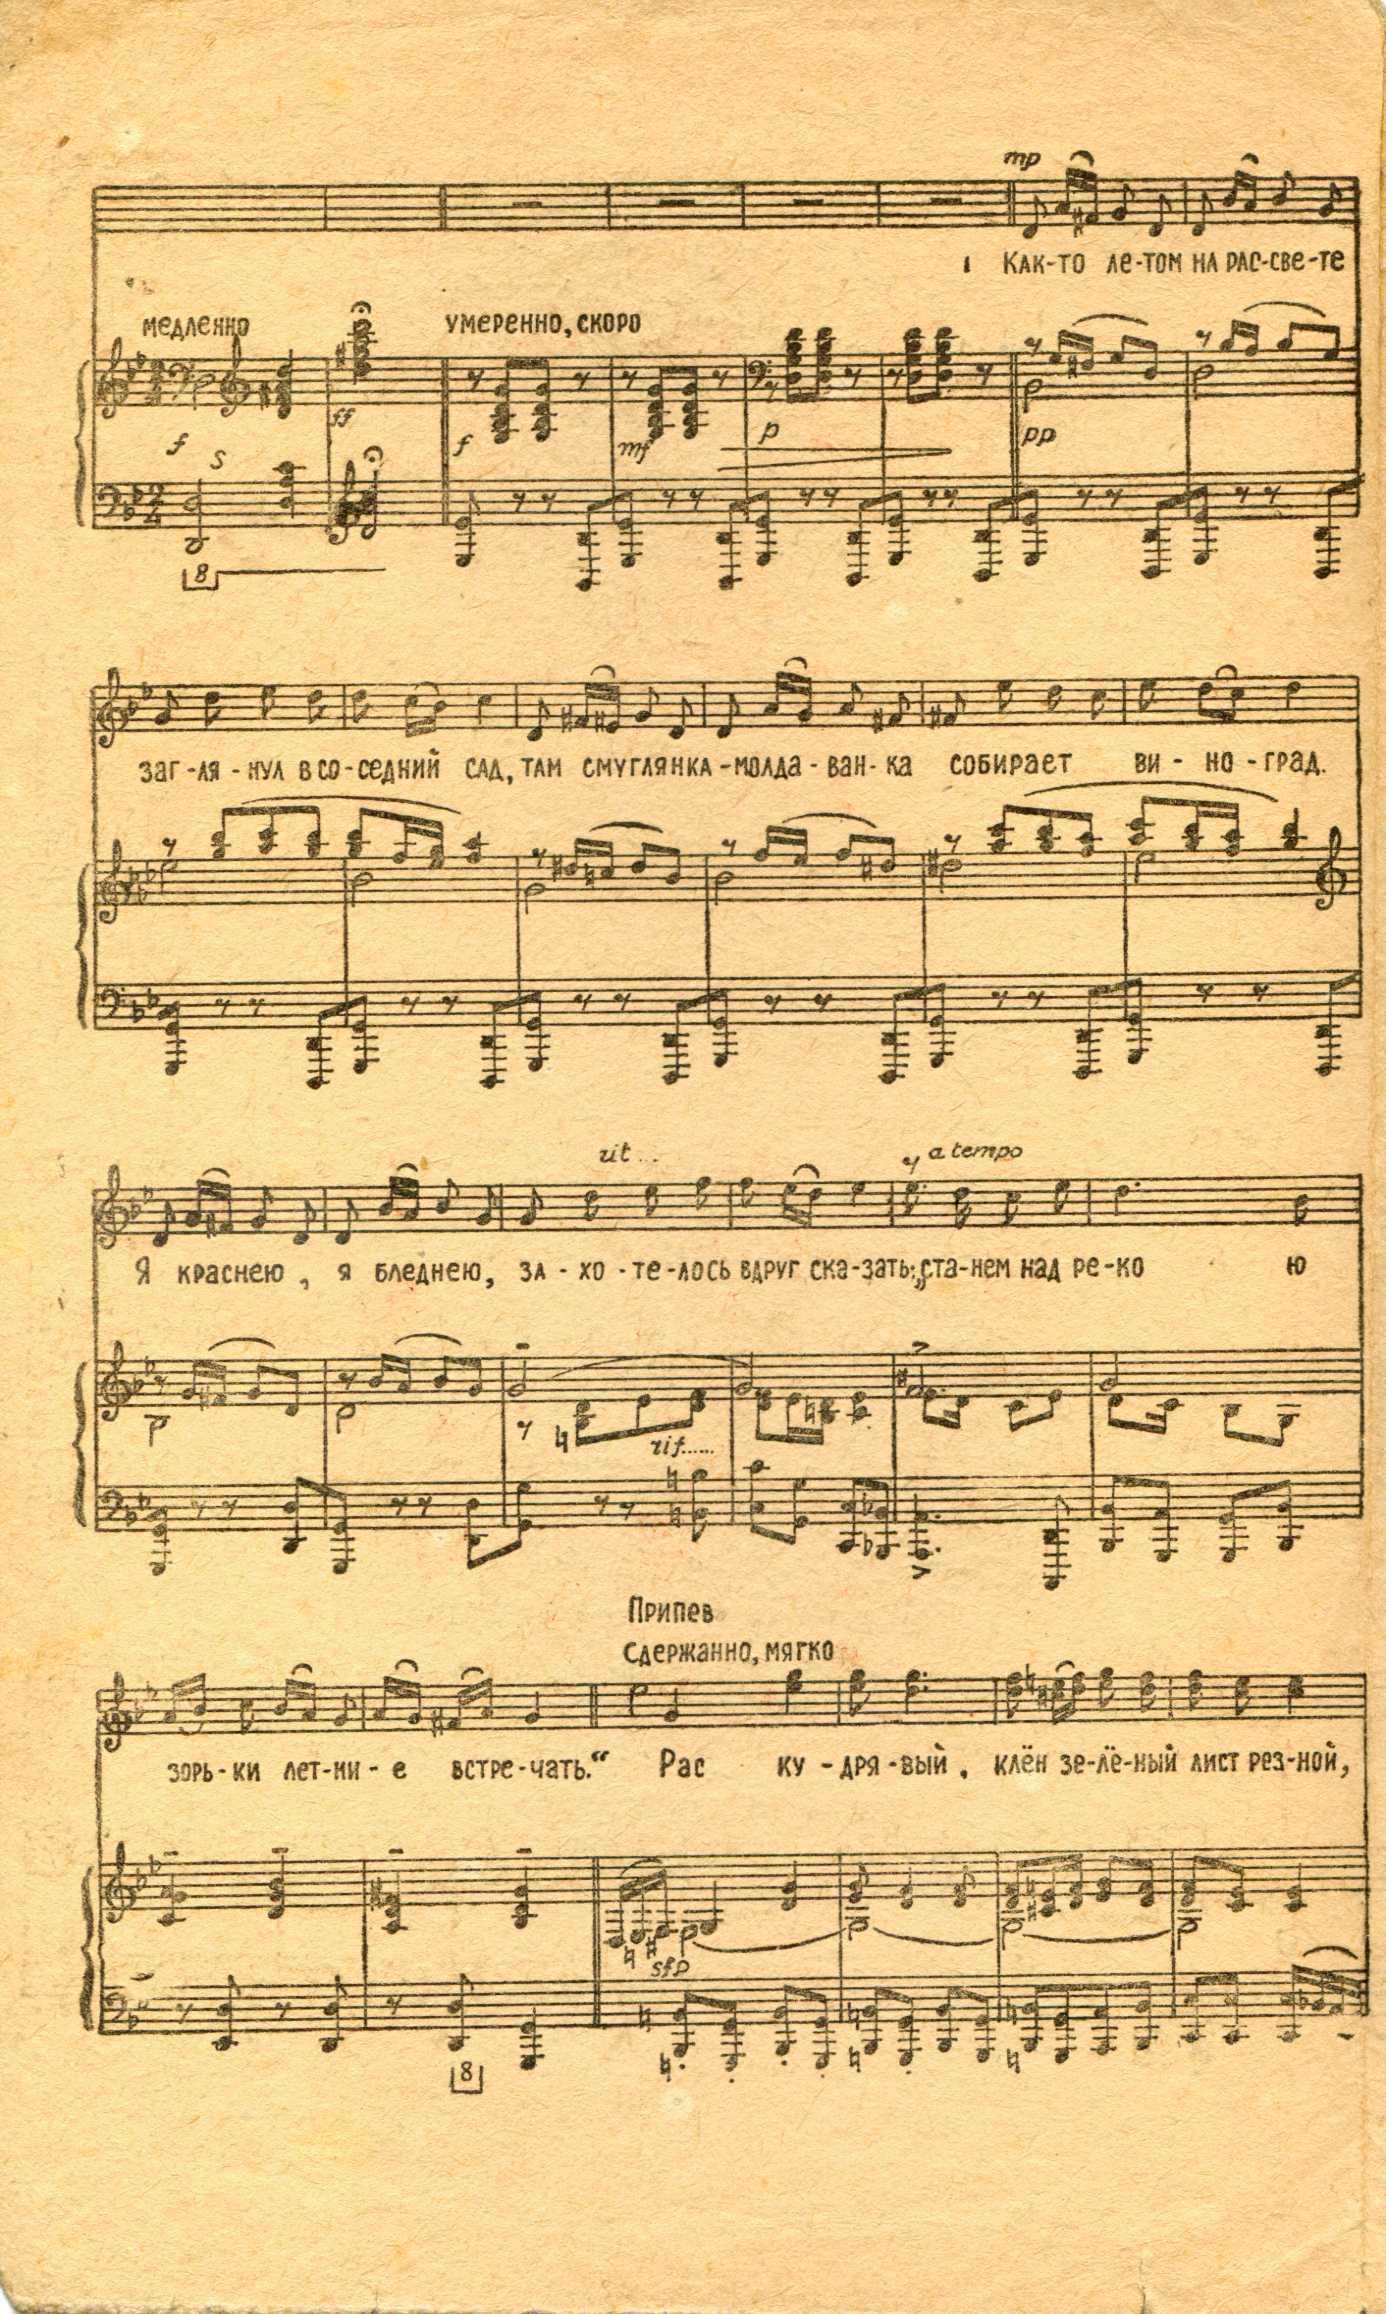 песня кукушка кто написал слова и музыку